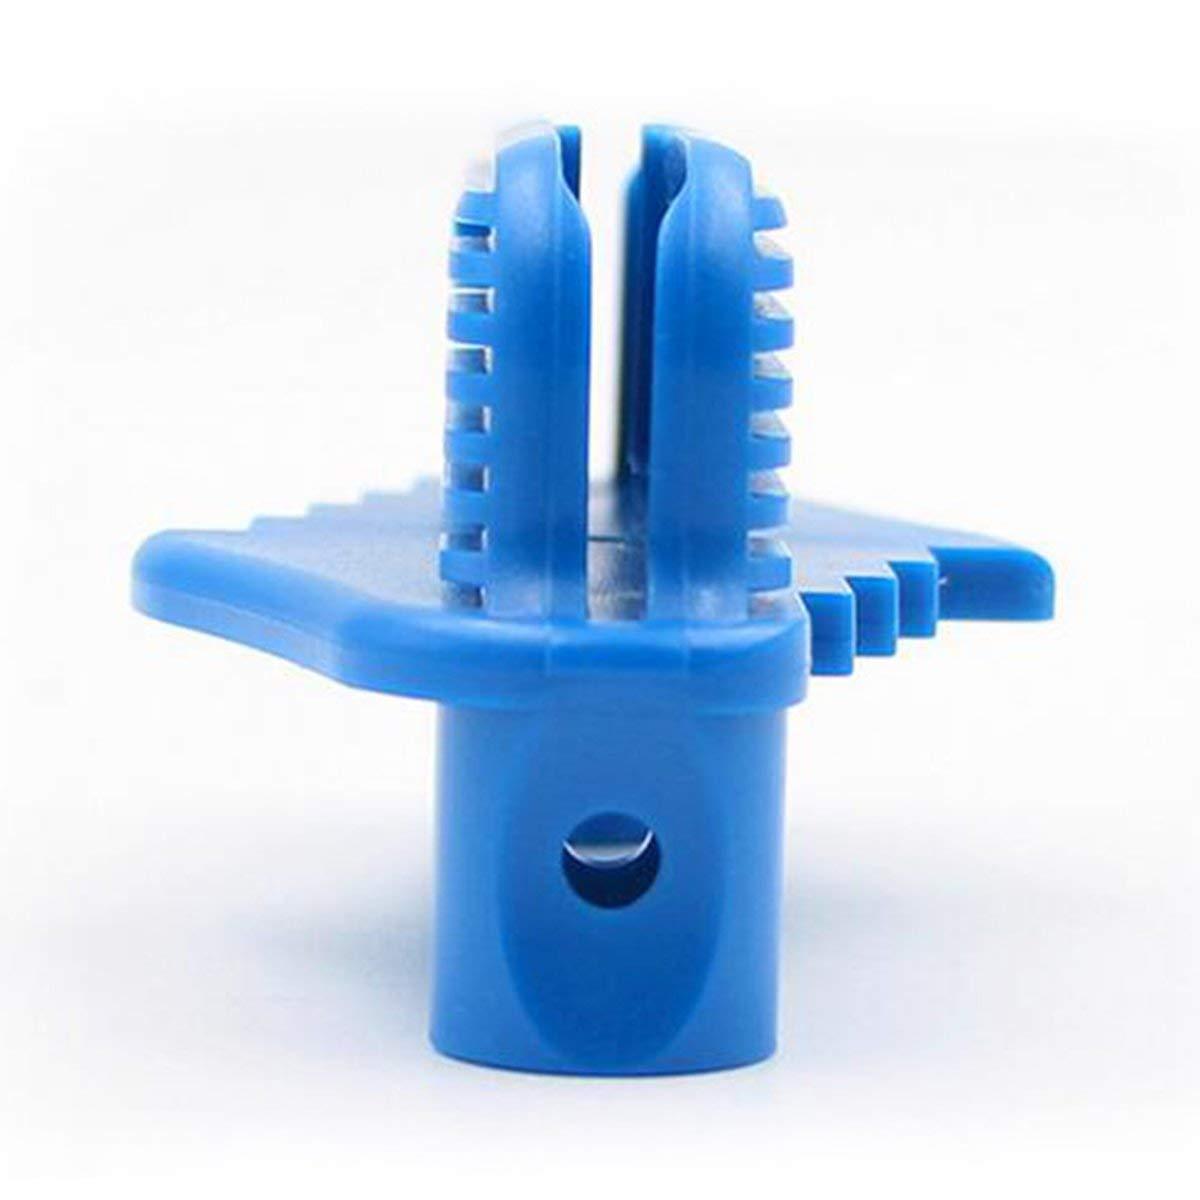 color: azul DF-ES Buscador central L/ínea de trazado de l/íneas Indicador de marcado central Indicador de trazado de carpinter/ía para carpintero Herramientas de l/ínea de centro de dibujo